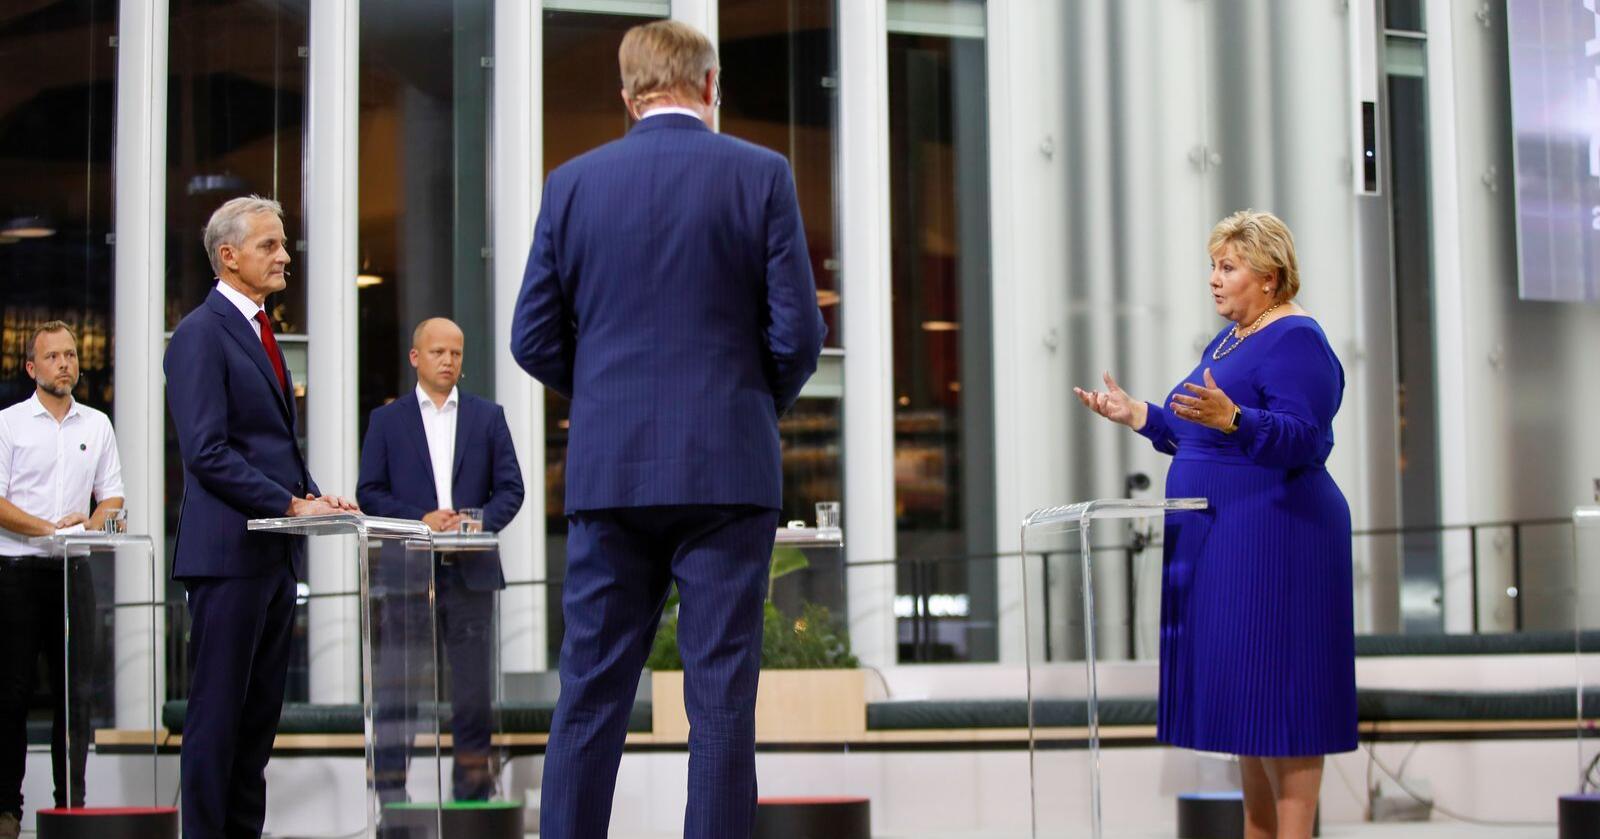 Sentrum/venstre: Audun Lysbakken (SV),  Jonas Gahr Støre (Ap) og Trygve Slagsvold Vedum (Sp) ligger an til å skifte ut statsminister Erna Solberg. Foto: Javad Parsa / NTB